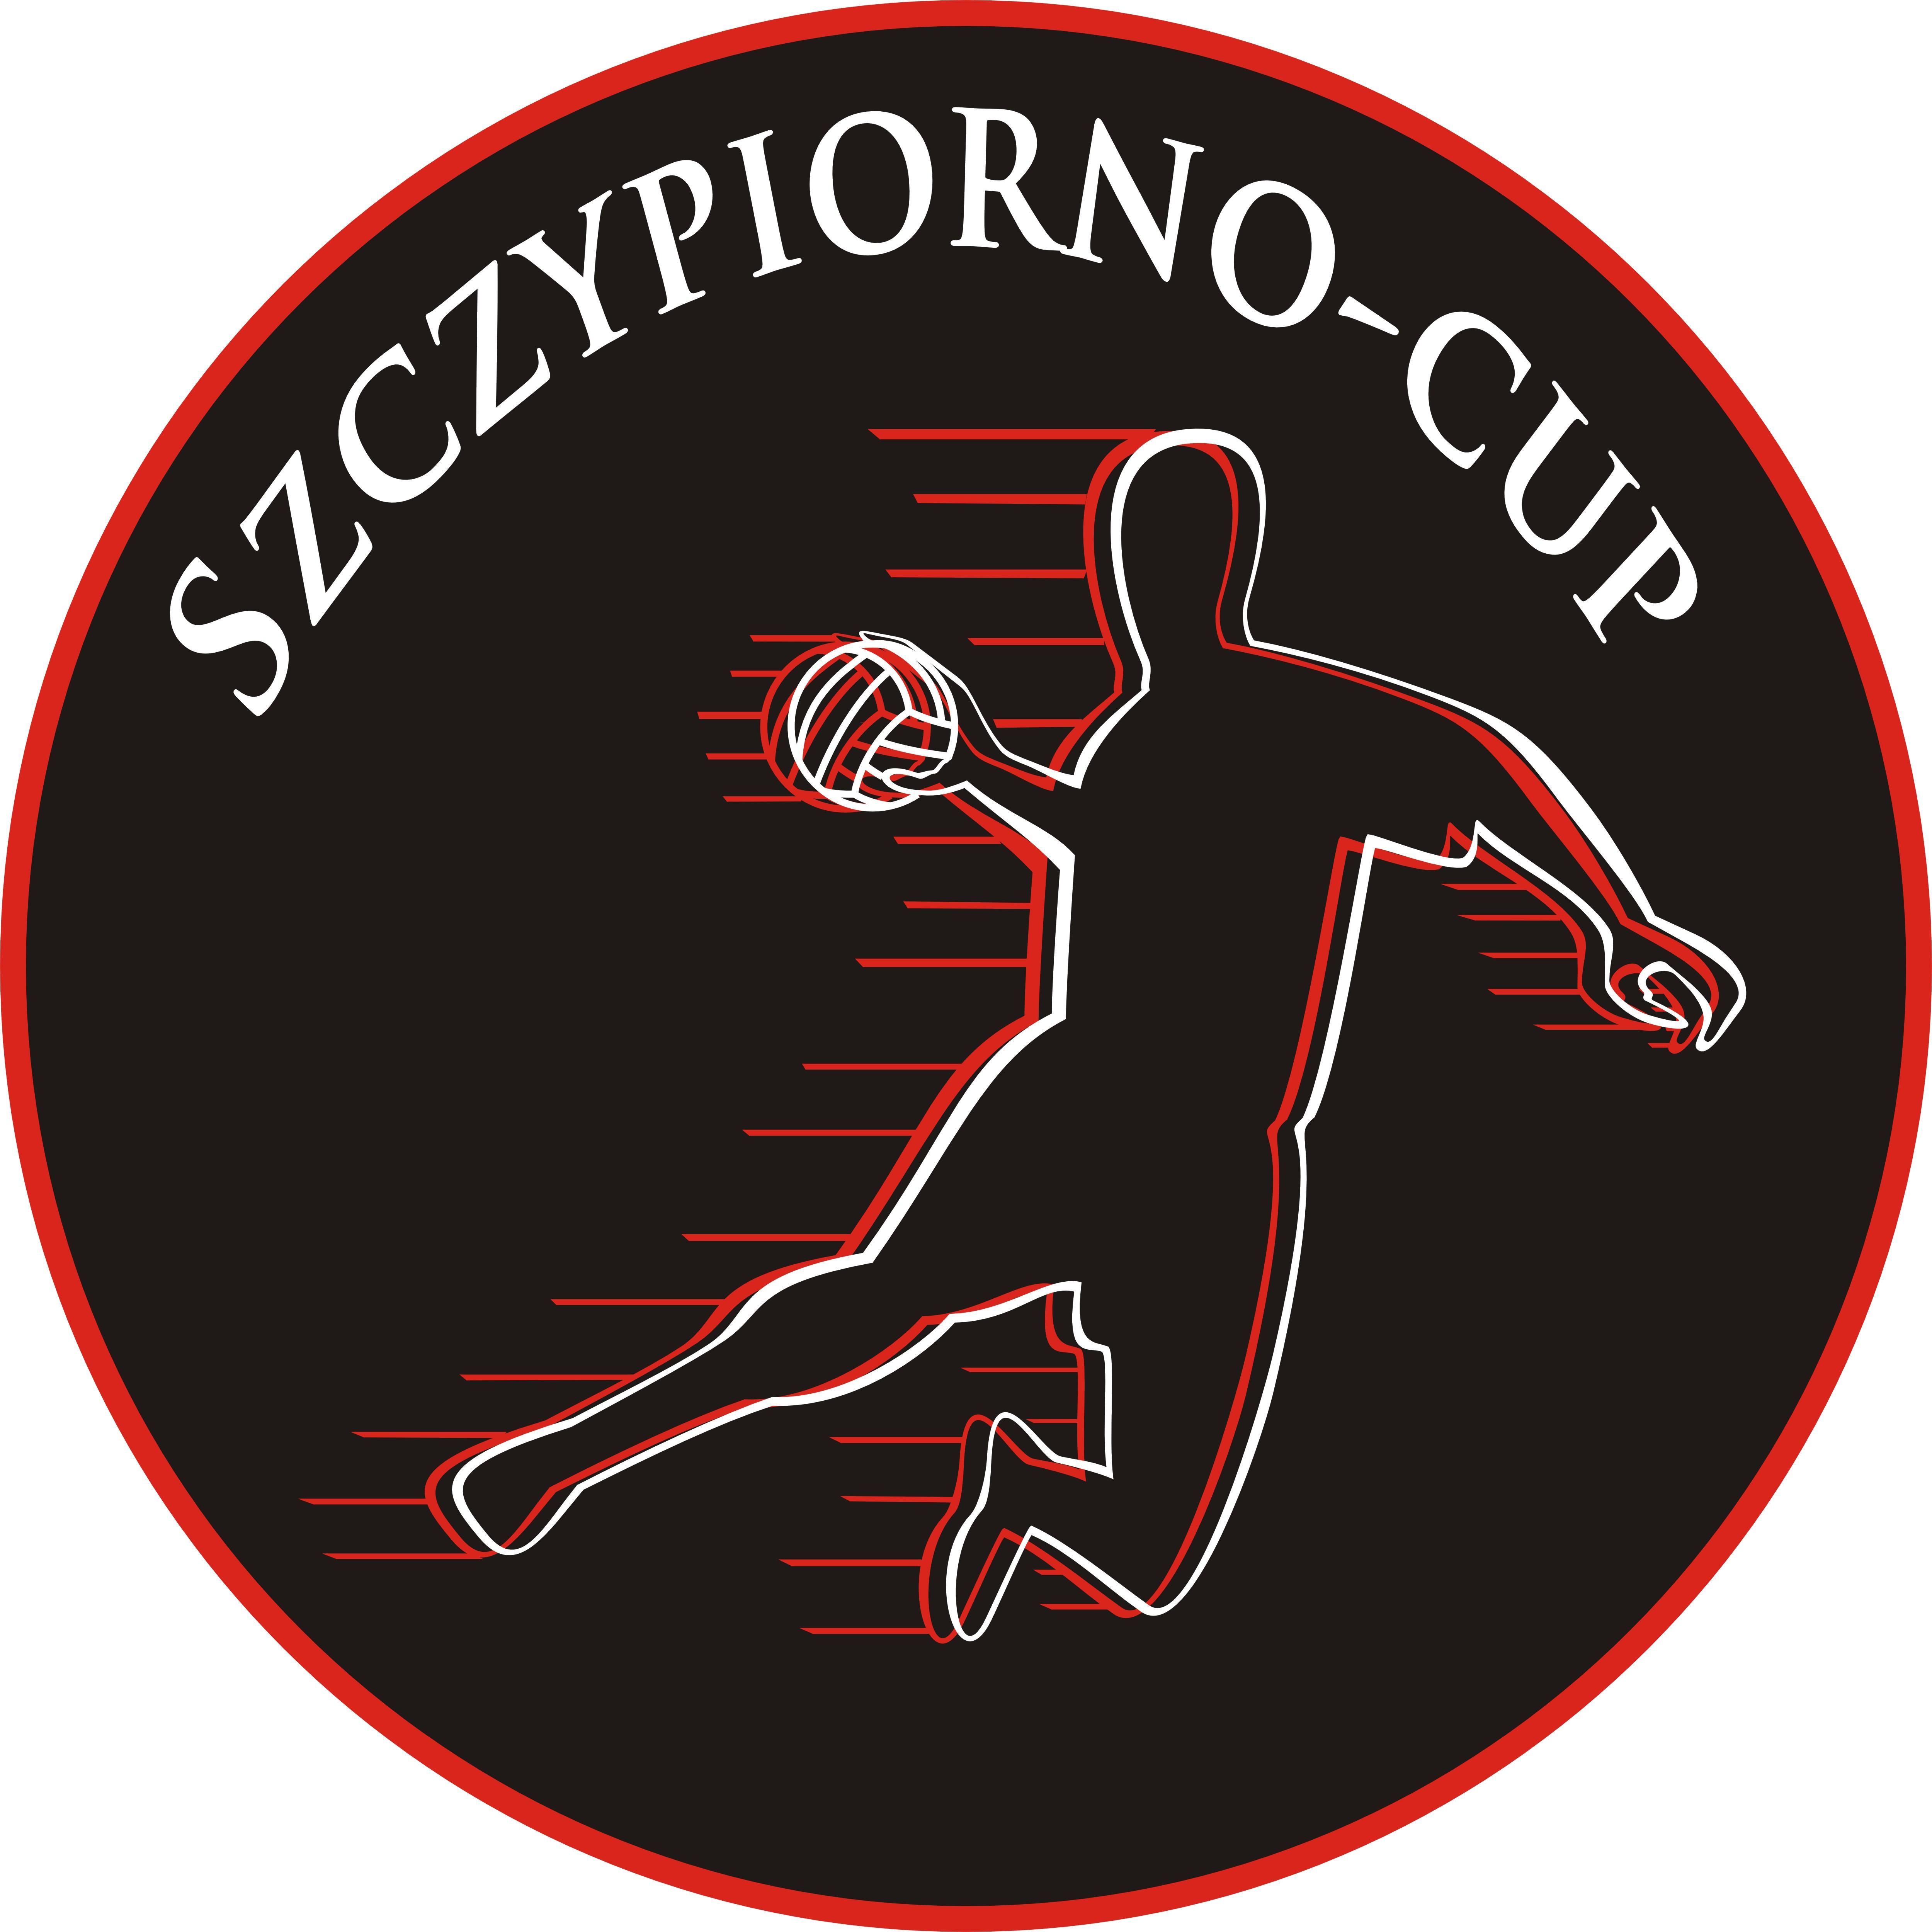 szczypiornocup logo